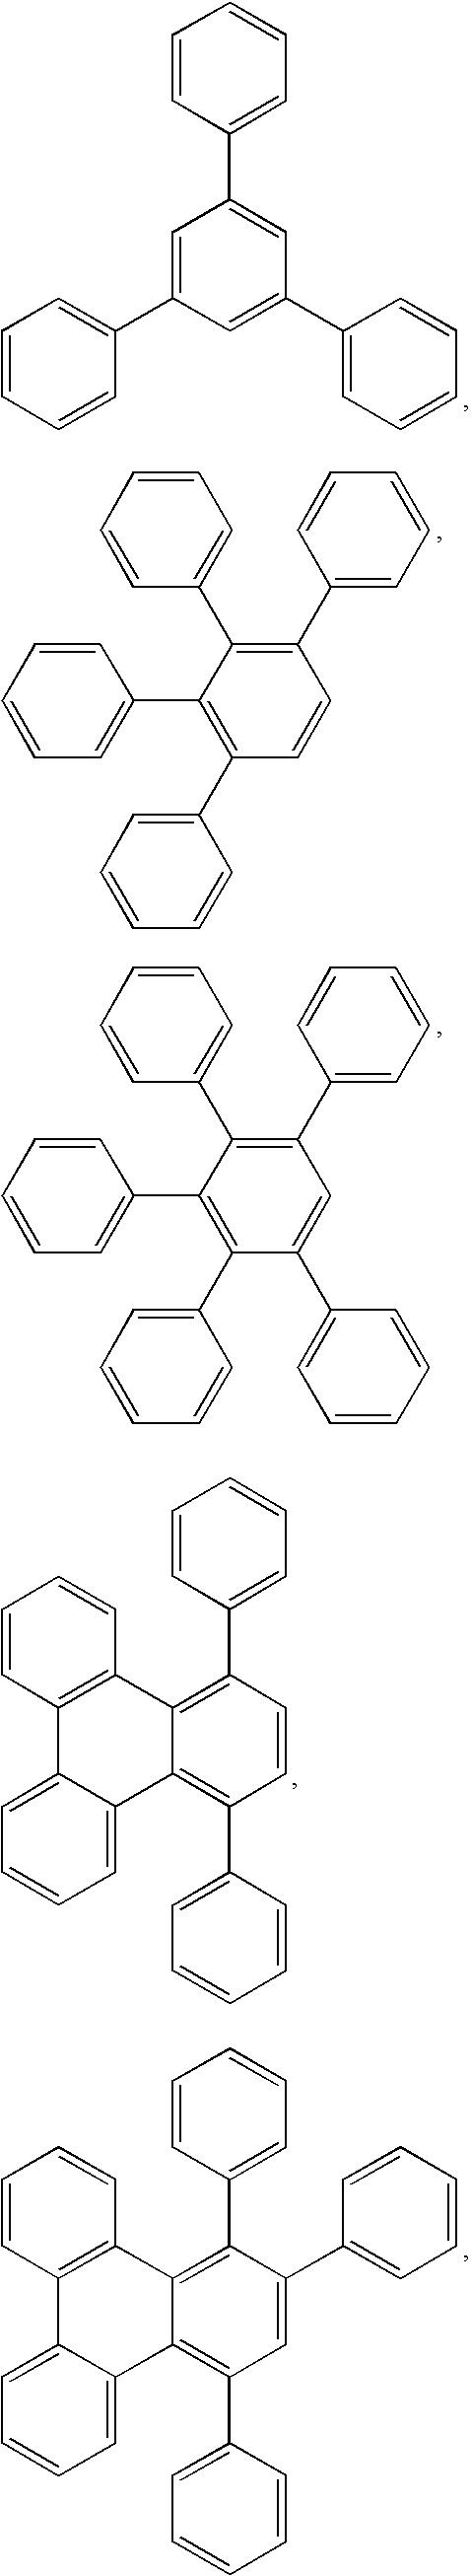 Figure US07192657-20070320-C00022